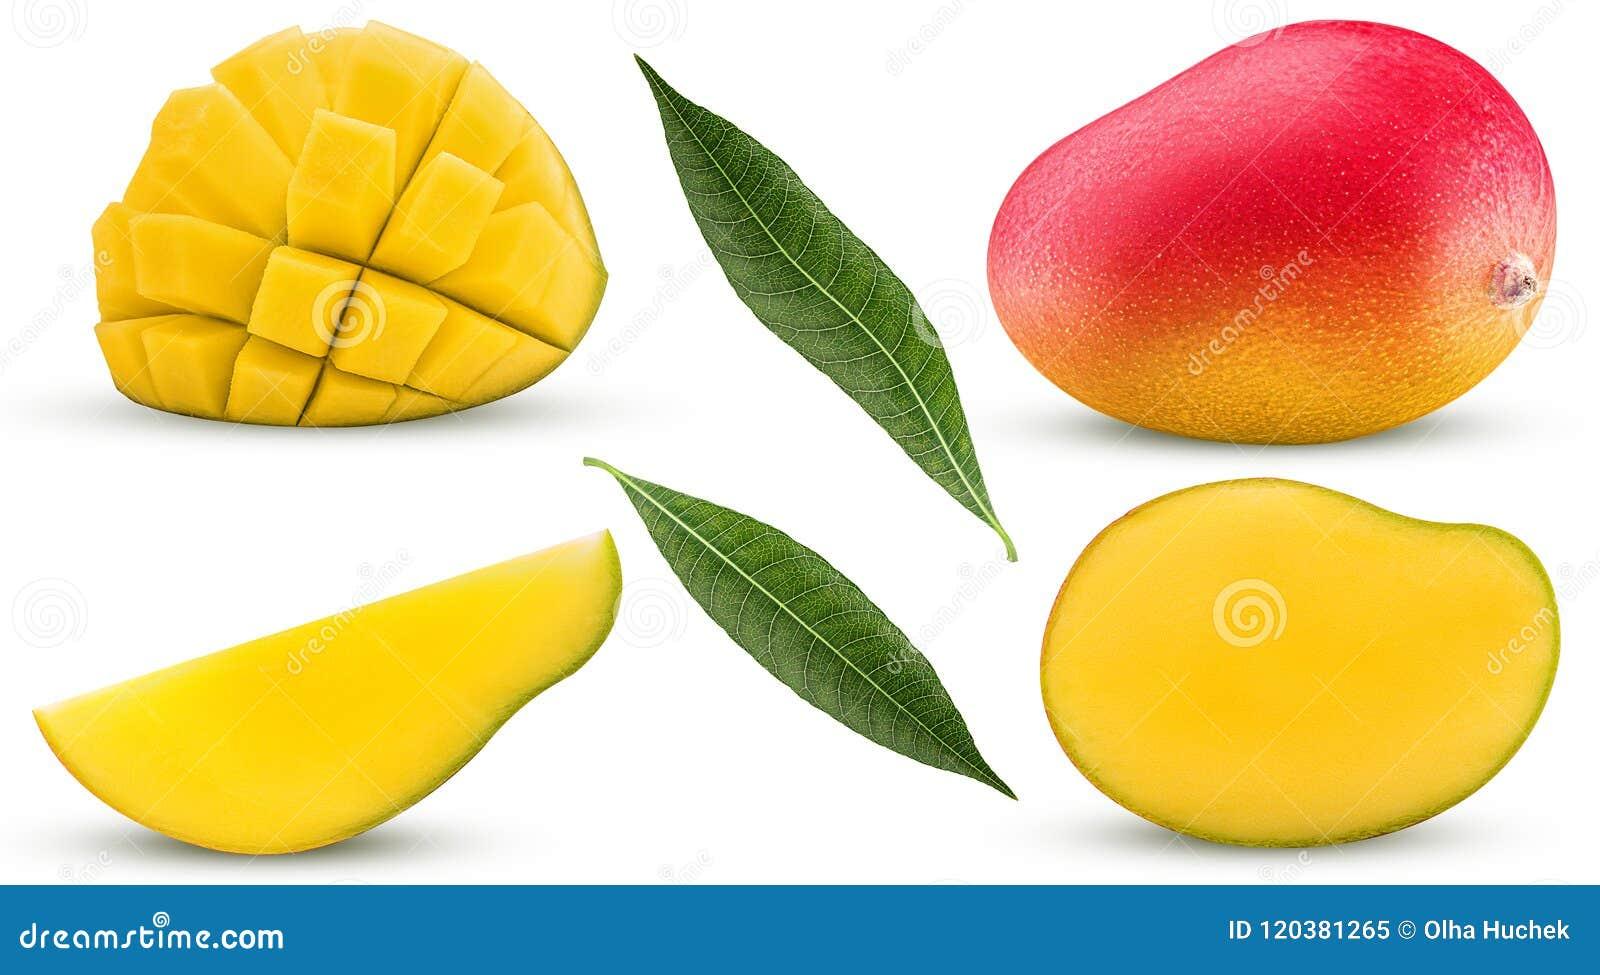 Exotisk frukt för samlingsmango som är hel, snitt i halvan, skiva, kuber